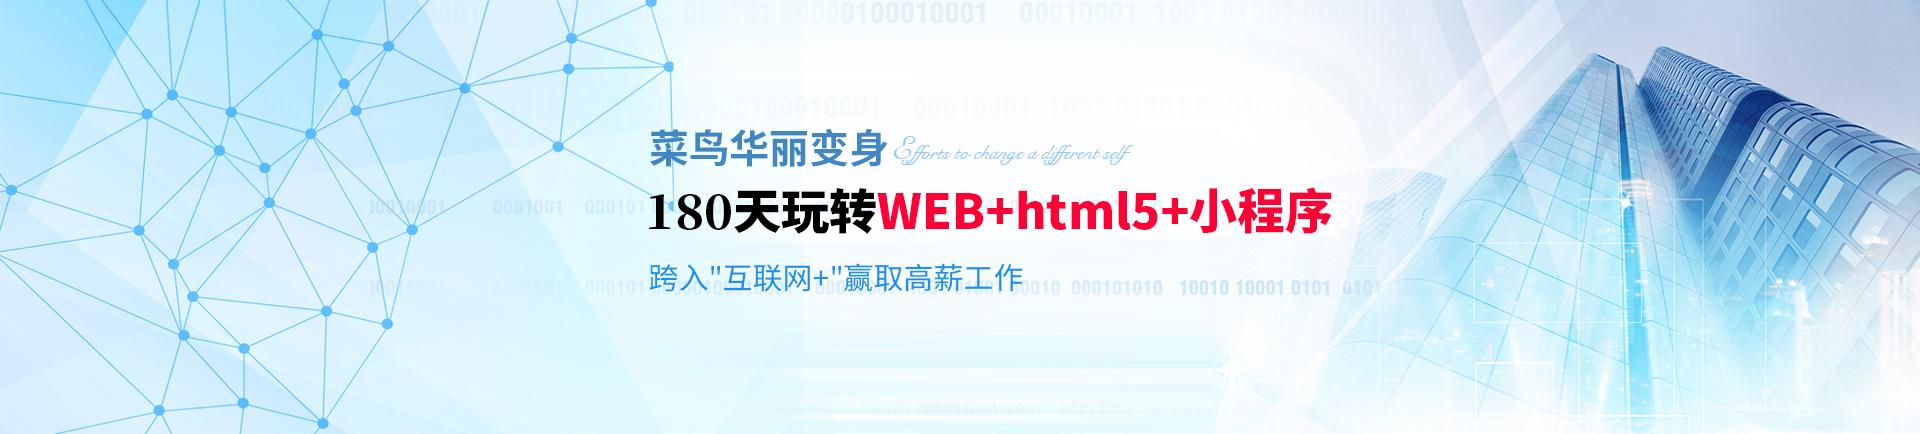 180天玩转WEB+html5+�程� 跨入互�网+赢�高薪-henan